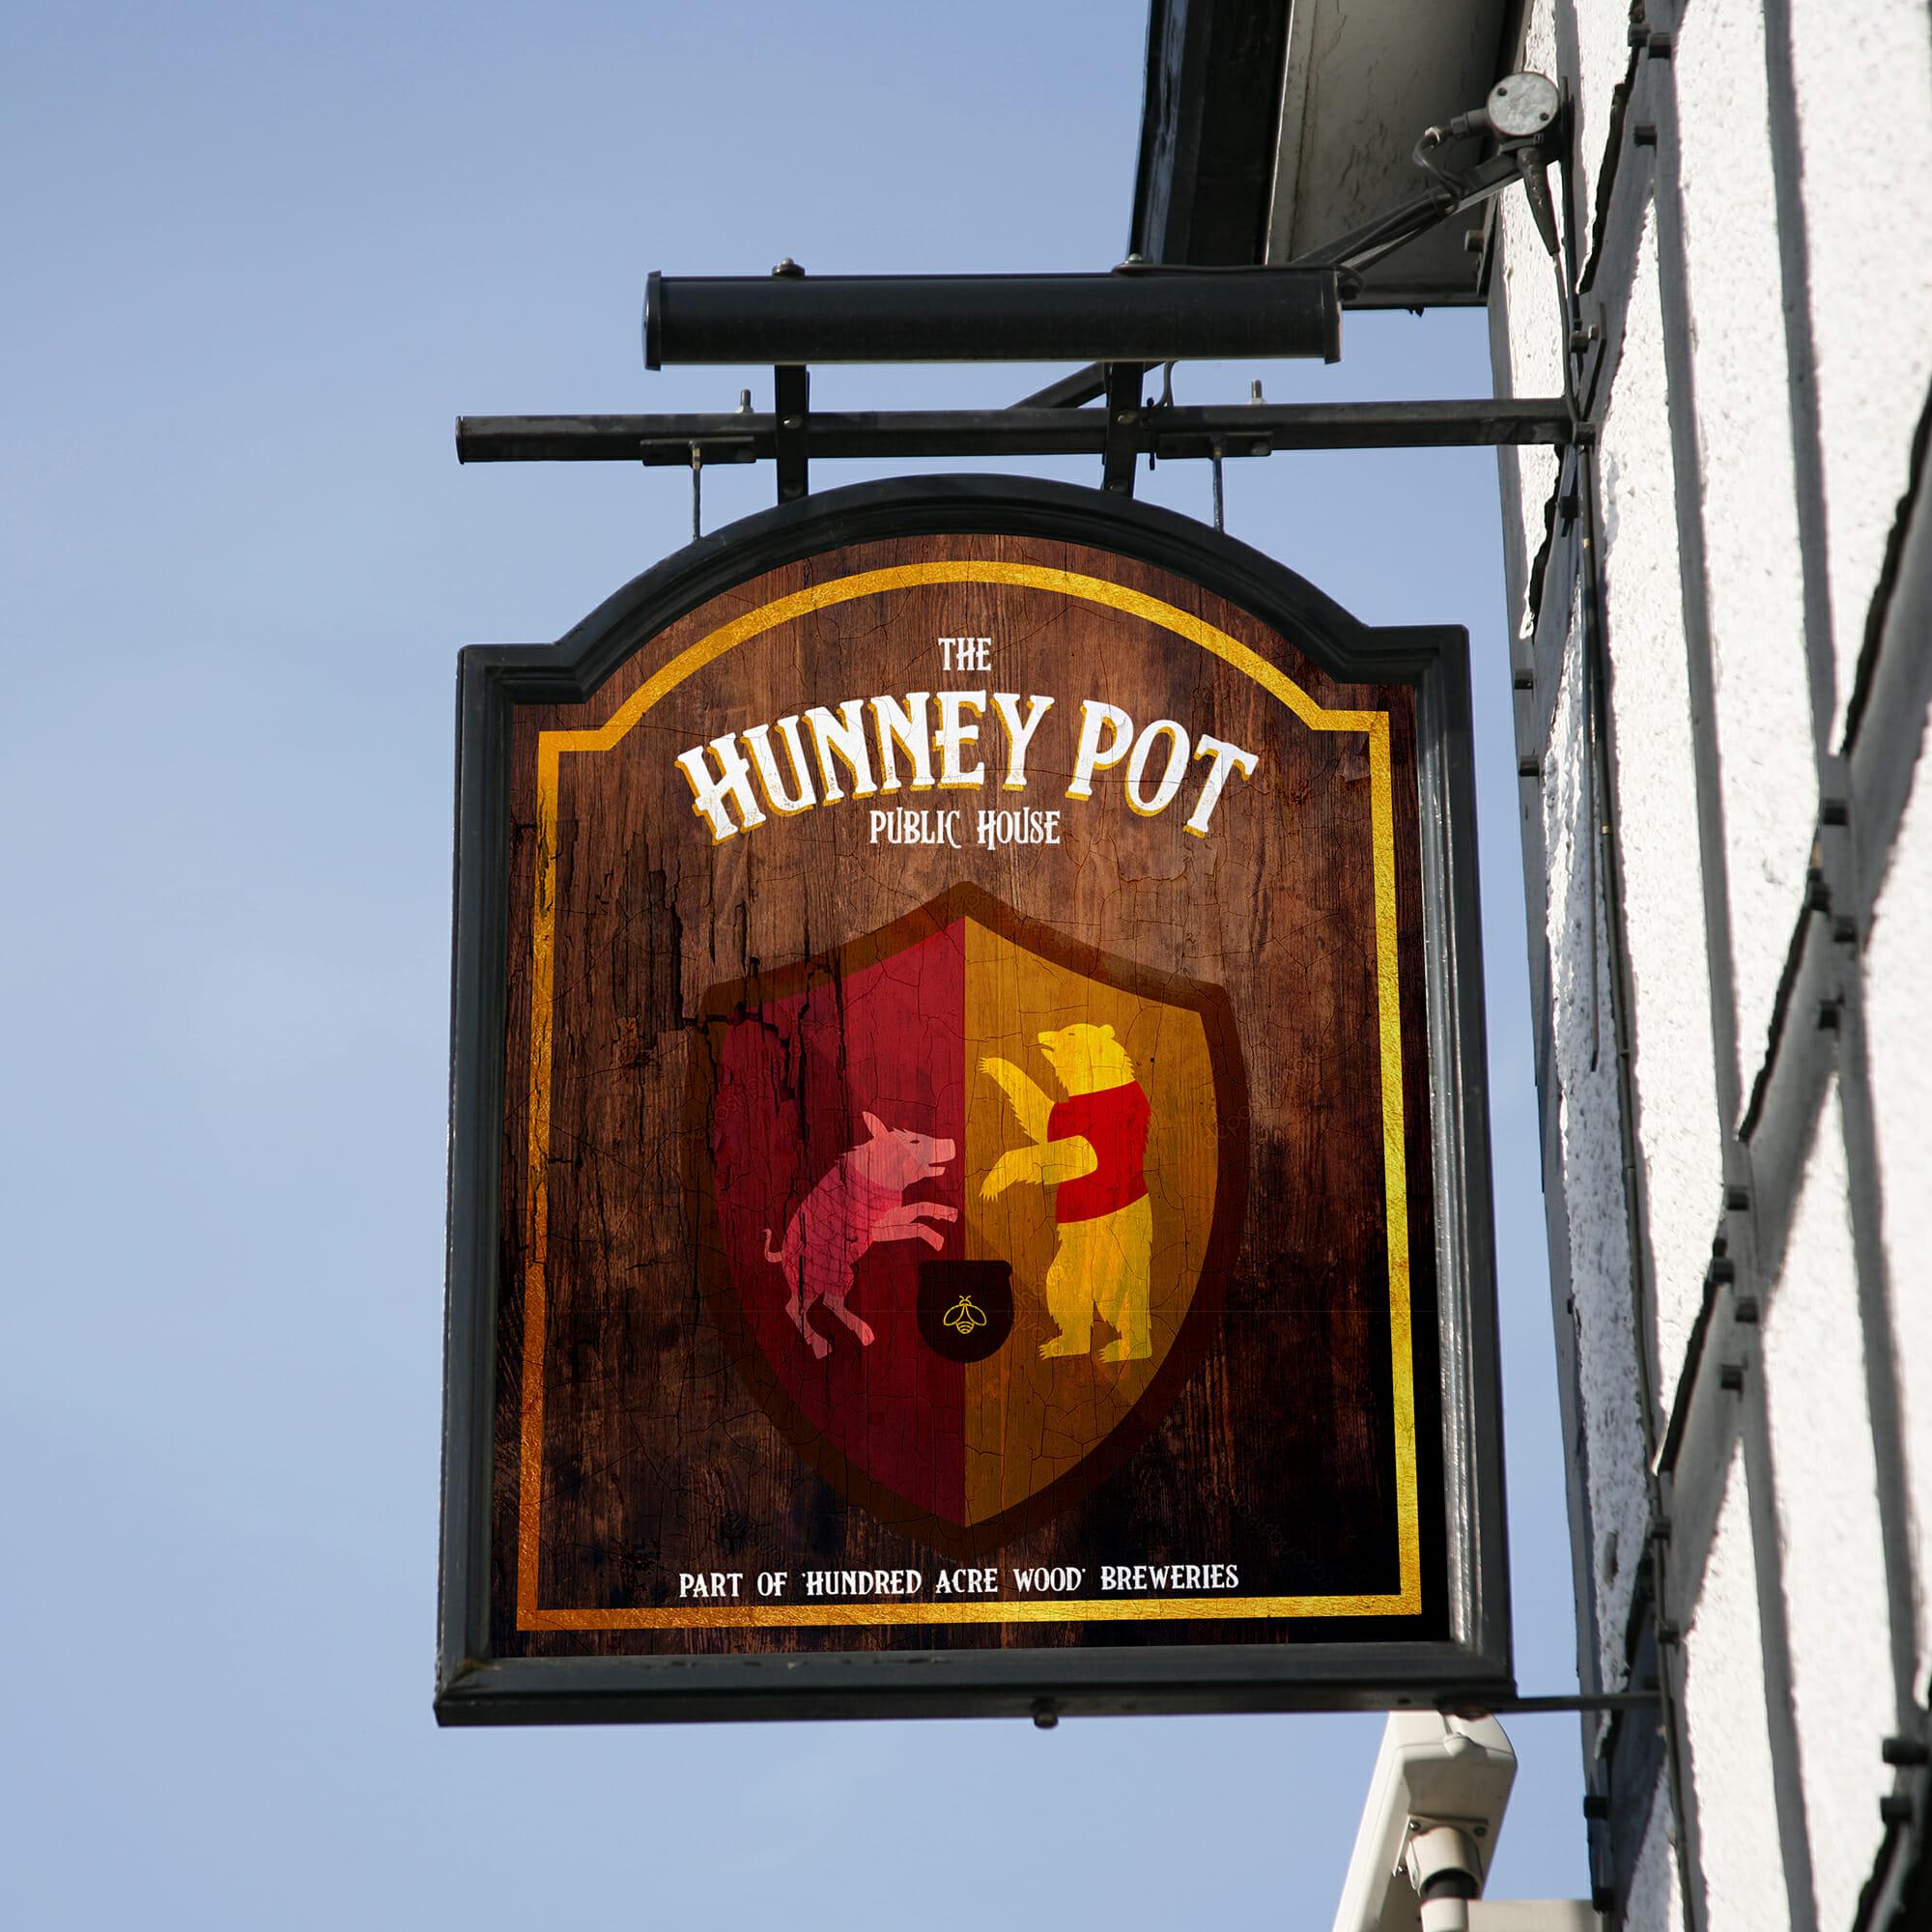 The Hunney Pot